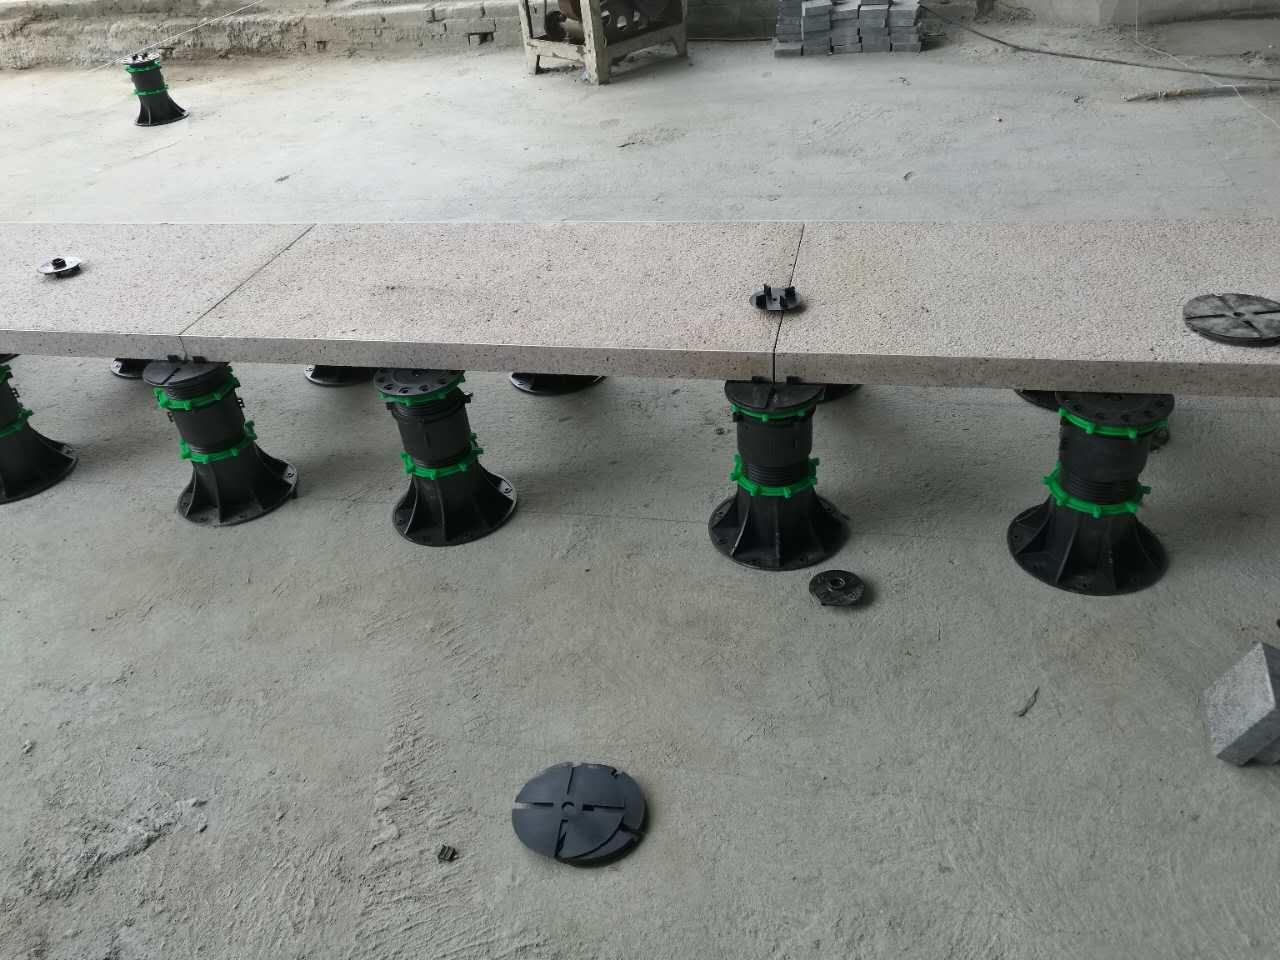 万能支撑器都有哪些具体的施工方案呢?